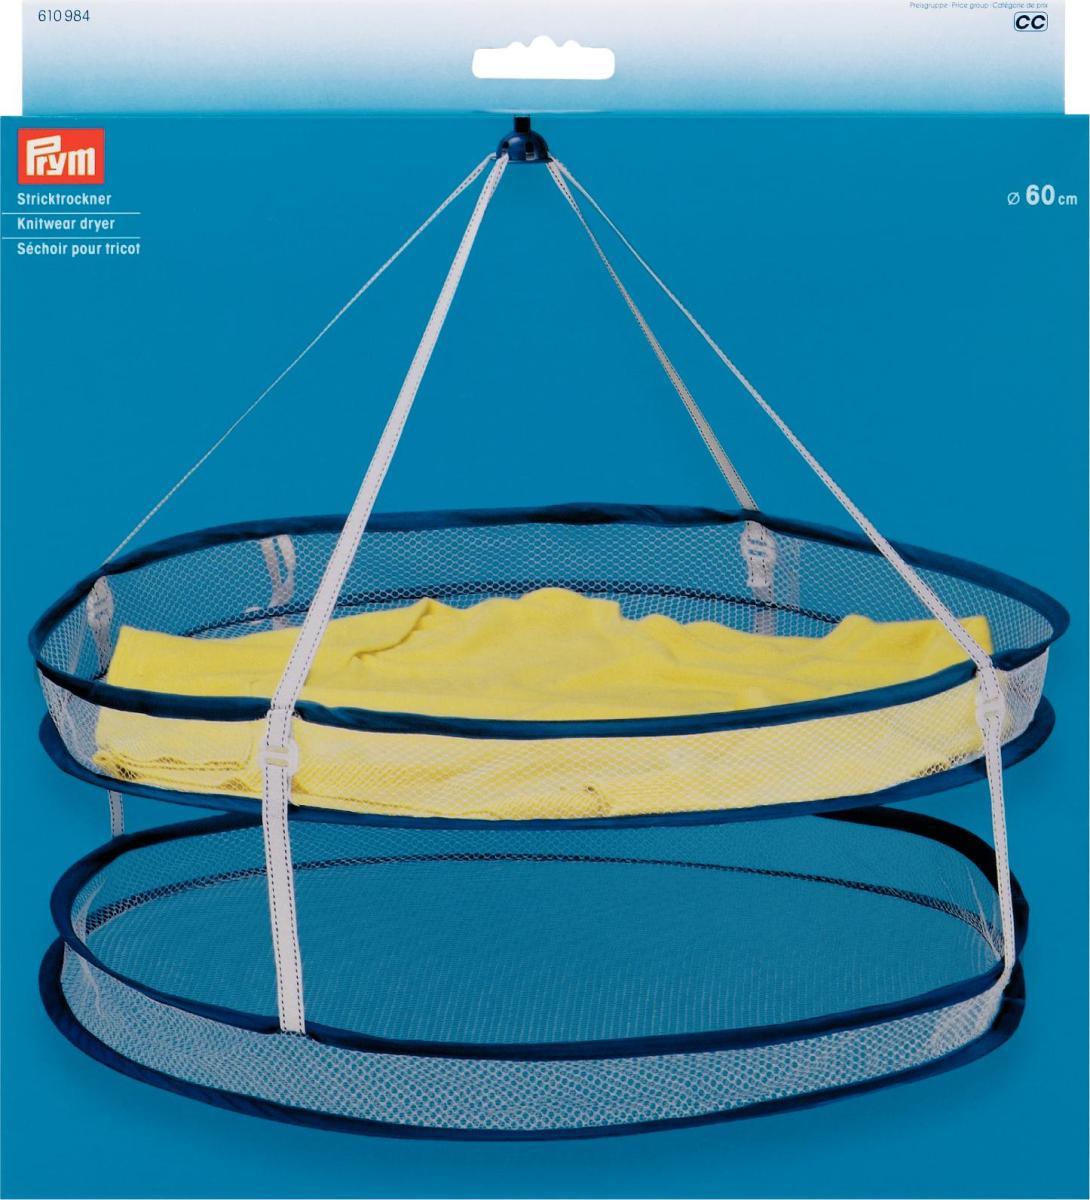 Сушилка для трикотажа Prym, подвесная, диаметр 60 смGC204/30Подвесная сушилка Prym идеально подходит для сушки трикотажа и тонкого белья на воздухе, препятствует перетяжке одежды.